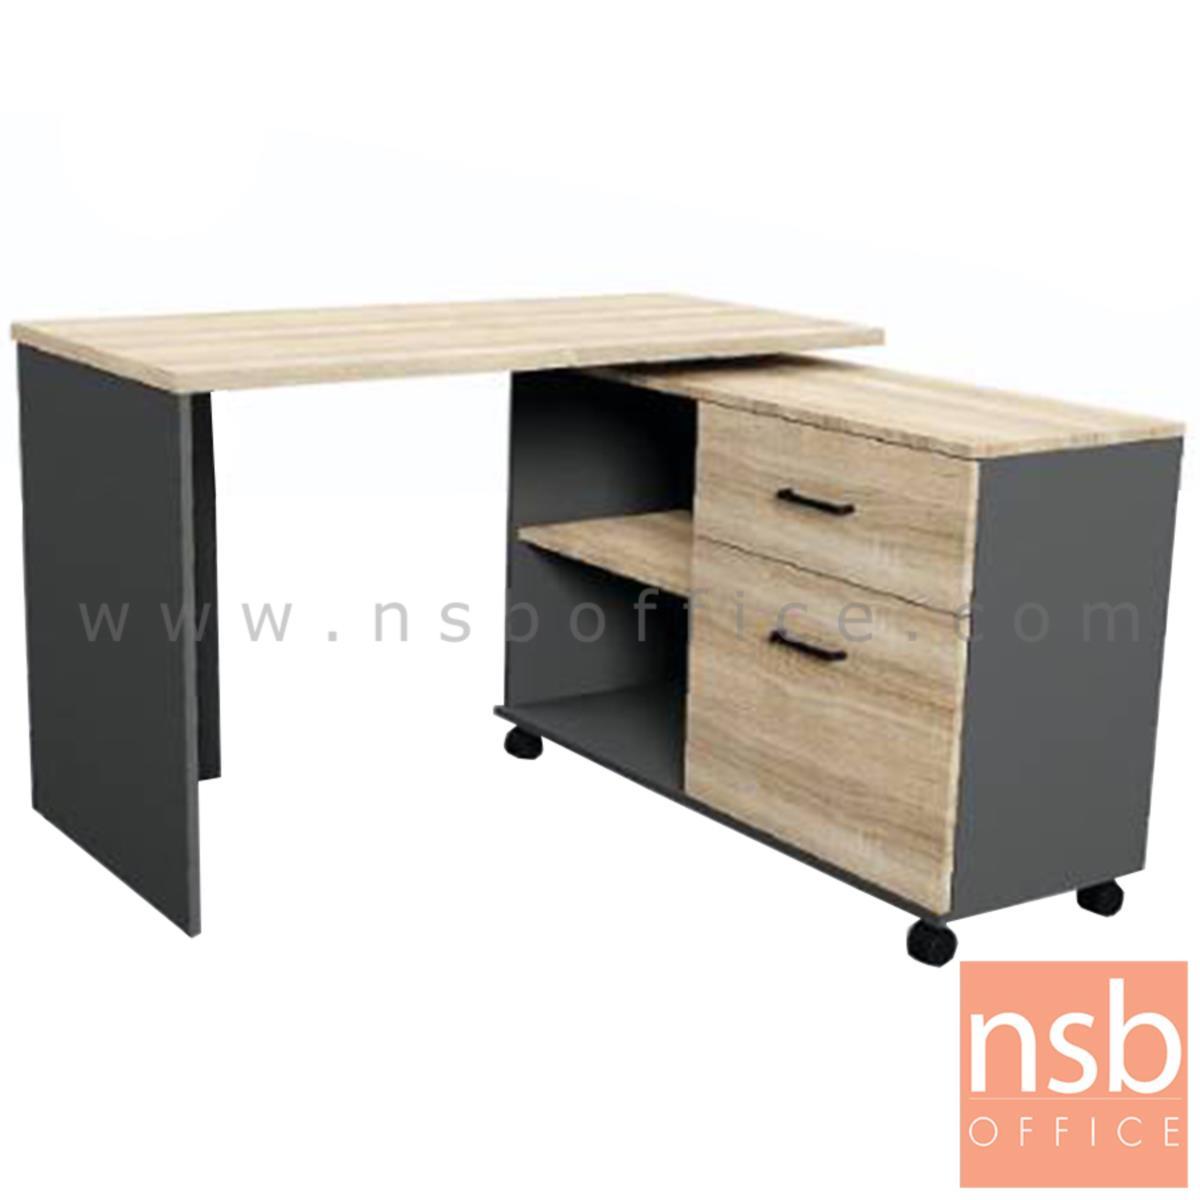 A35A012:โต๊ะทำงาน  รุ่น Kasper (แคสเปอร์) ขนาด 120W cm.